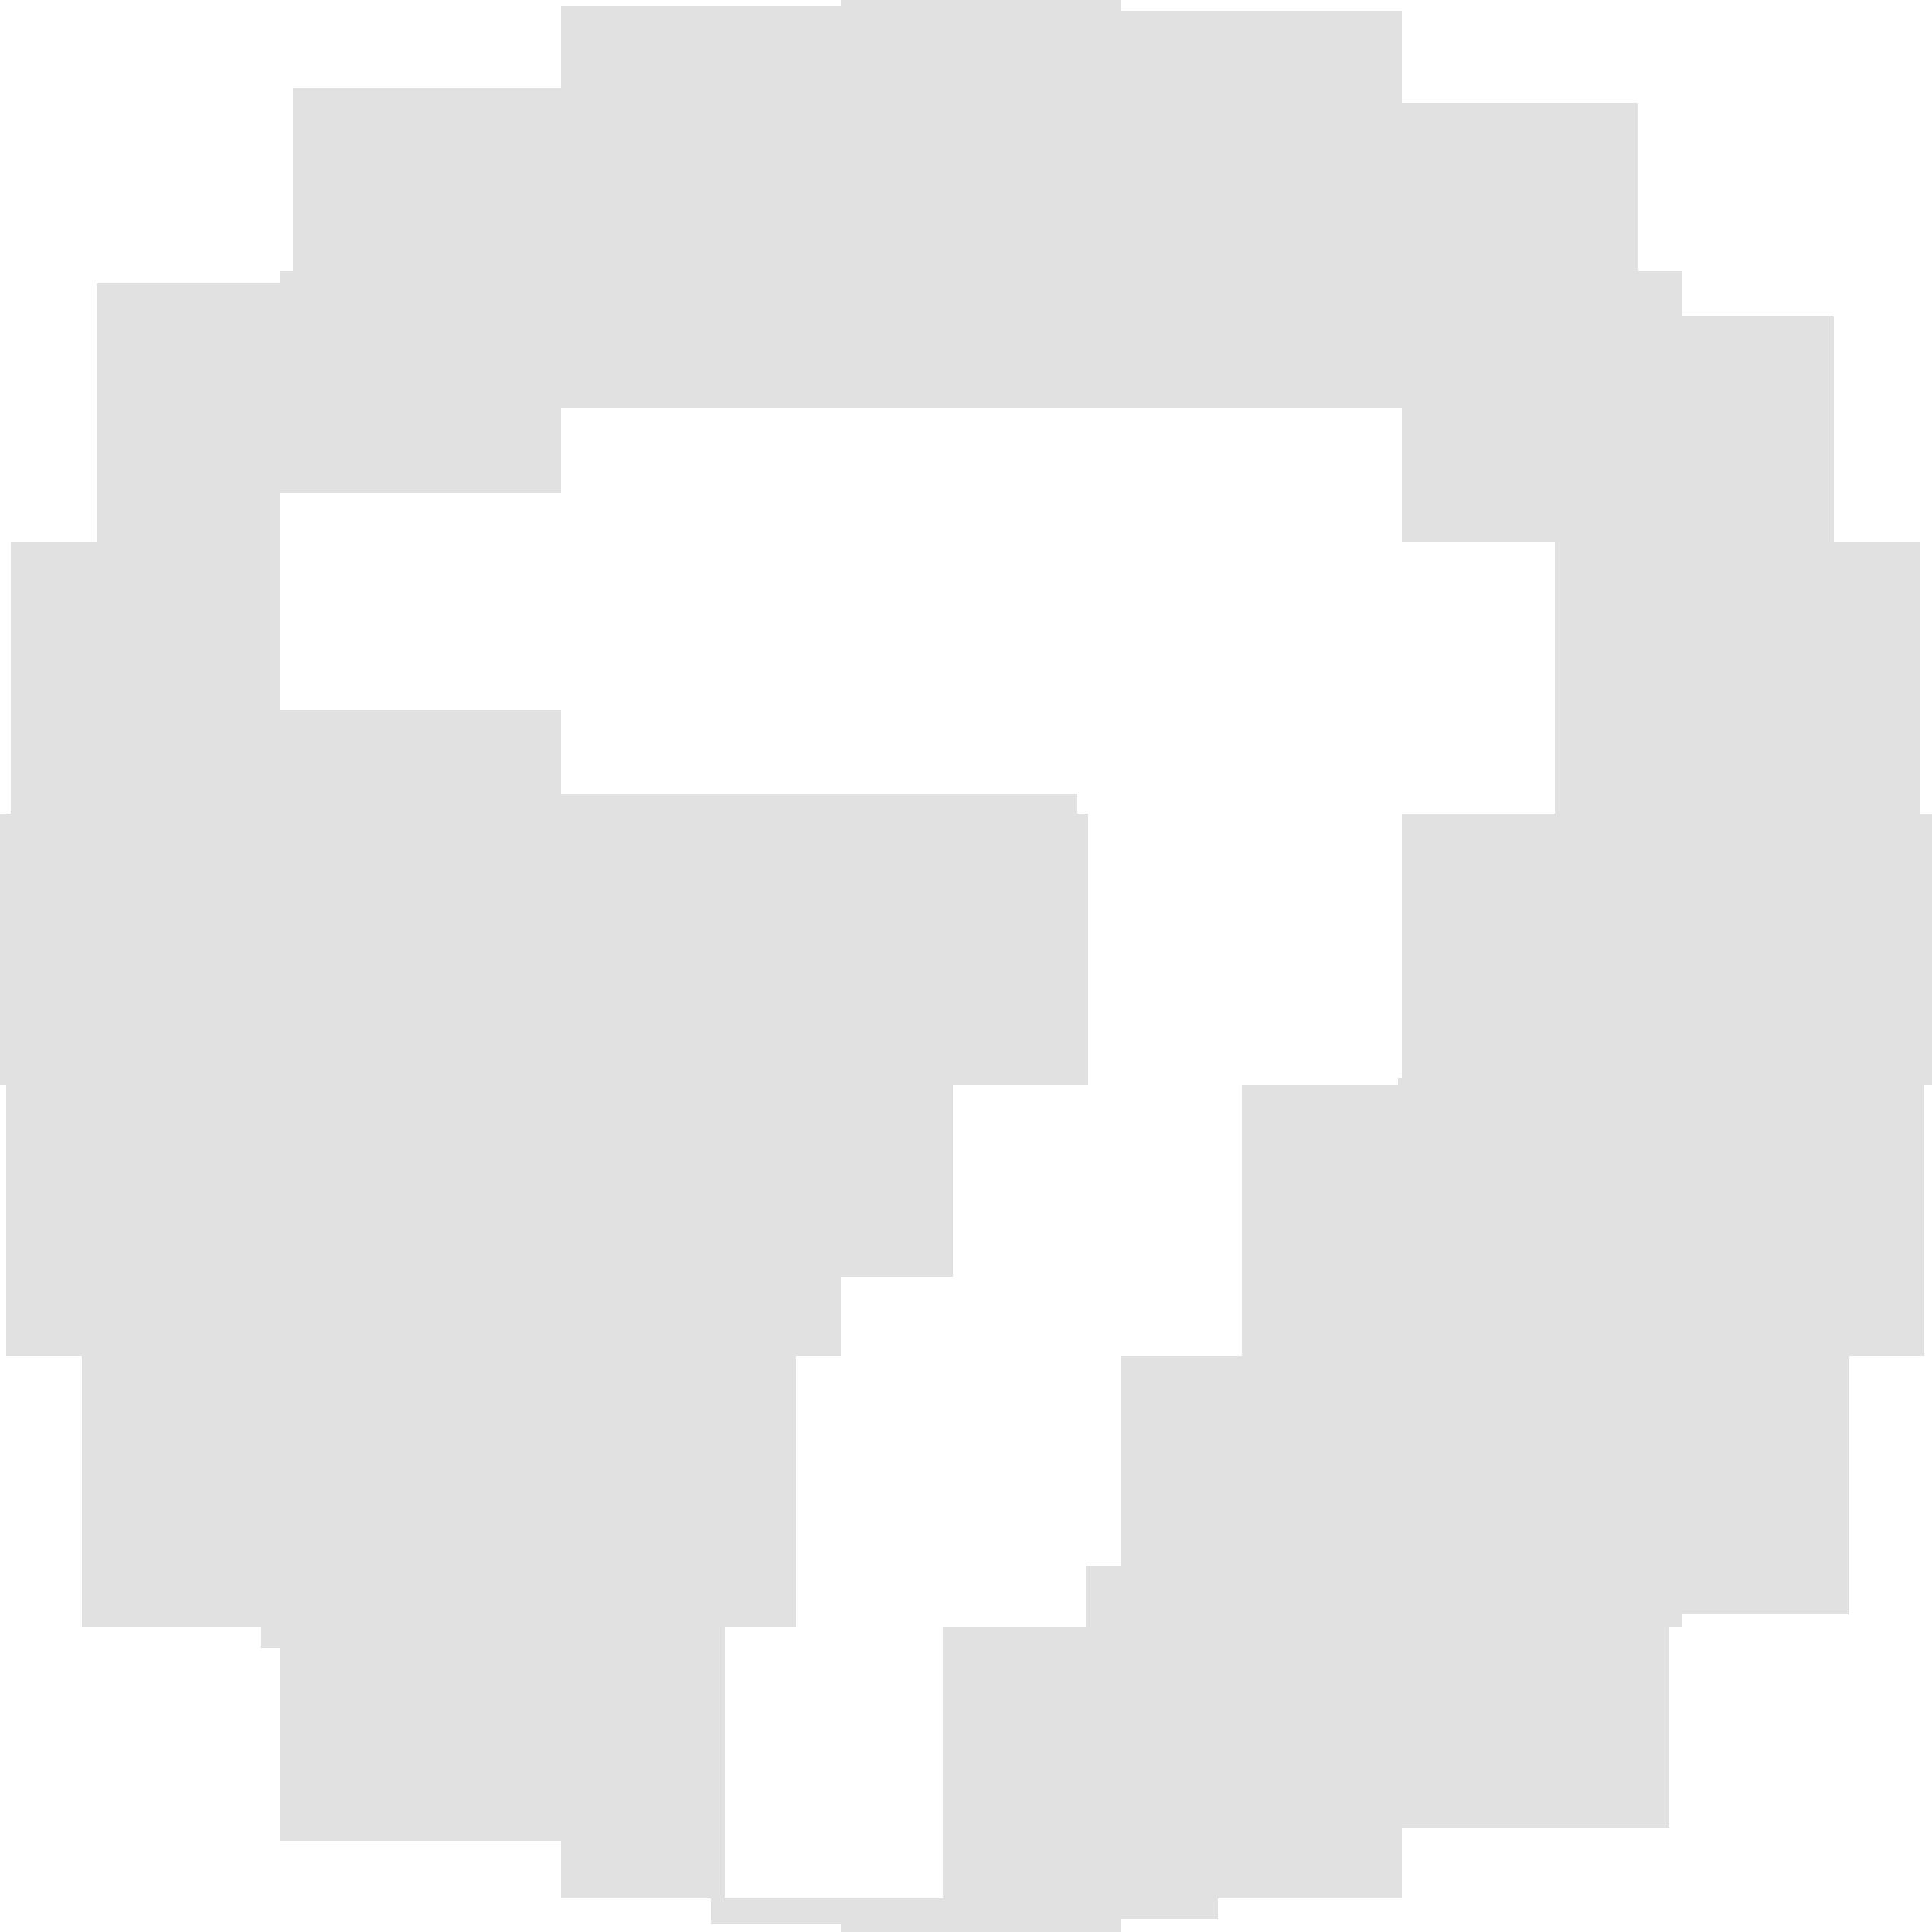 7ТВ (2005-2009) (использовался в эфире до 2009 года)